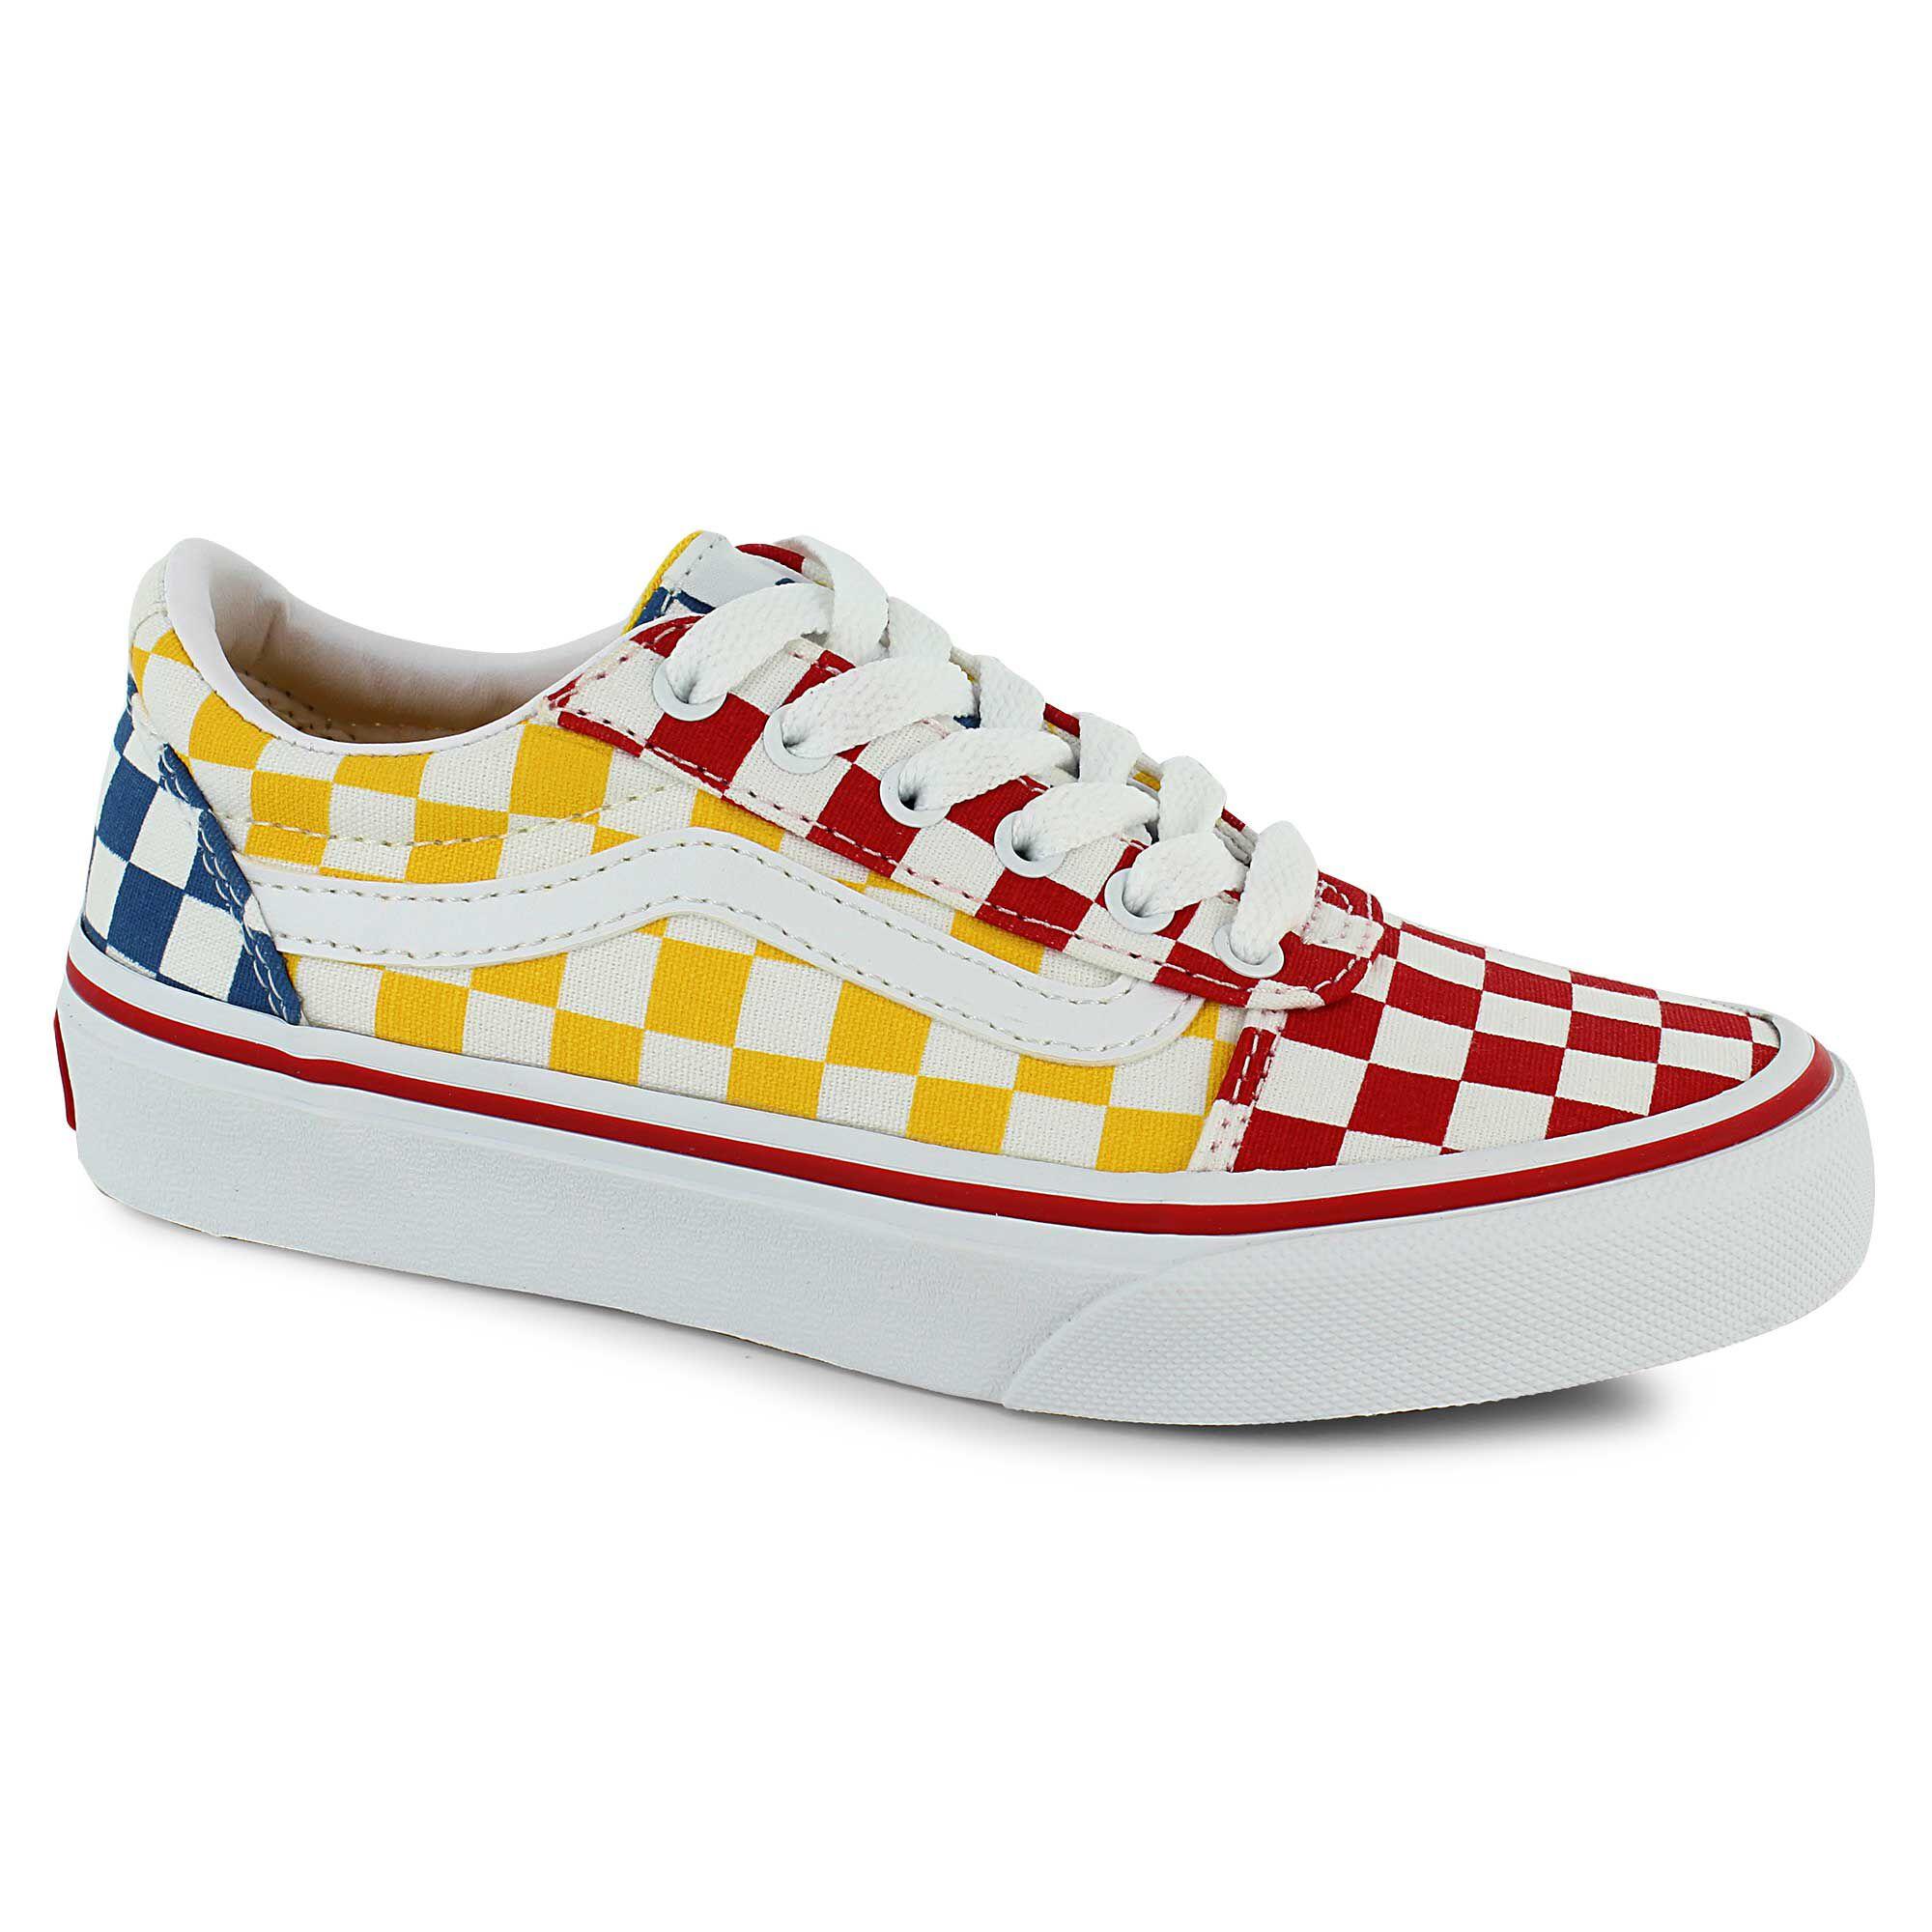 Boys' Shoes | Shop Now at SHOE DEPT. ENCORE